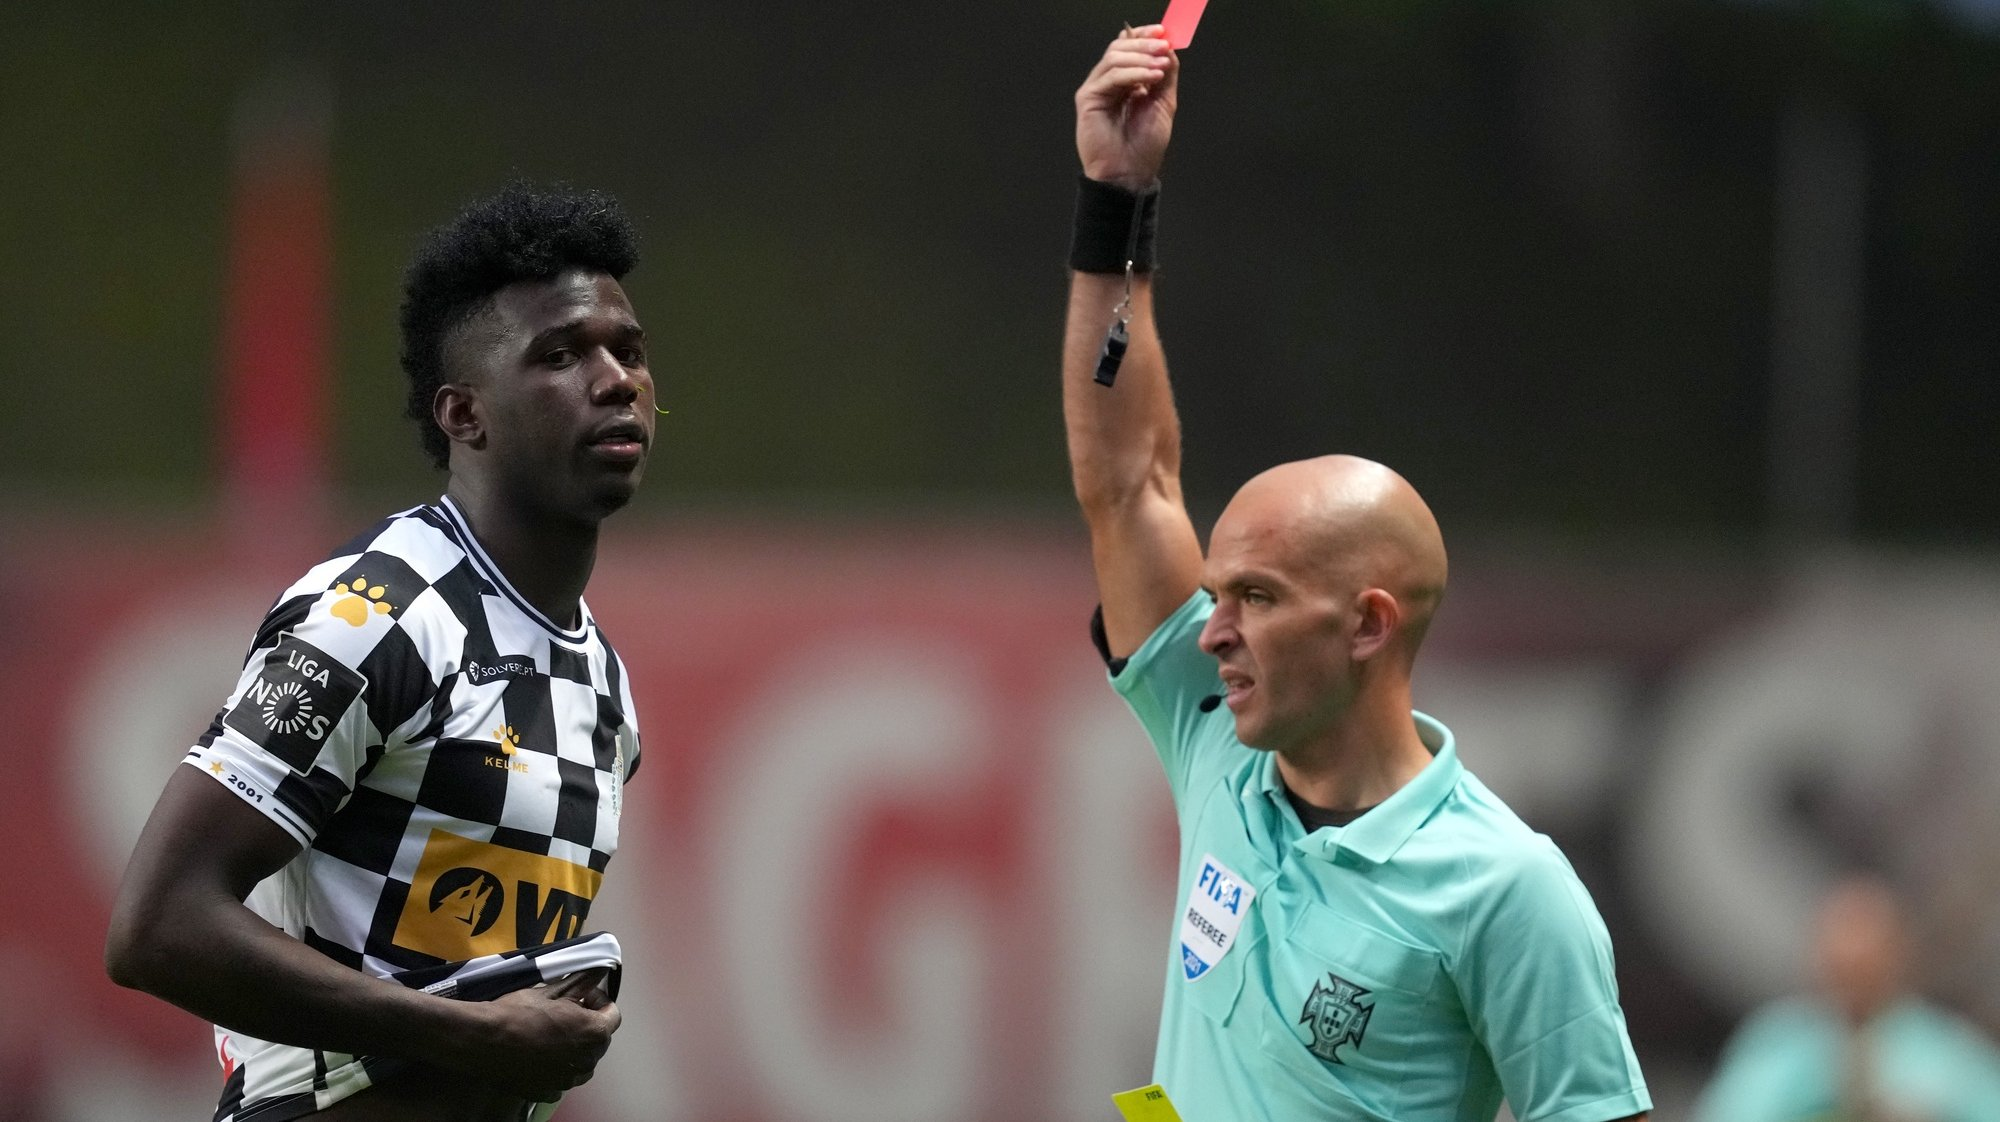 Jackson Porozo do Boavista é expulso pelo árbitro Luis Godinho durante o jogo entre o Sporting de Braga e o Boavista a contar para a Primeira Liga de Futebol realizado no Estádio Municipal de Braga, 21 de abril de 2021. HUGO DELGADO/LUSA